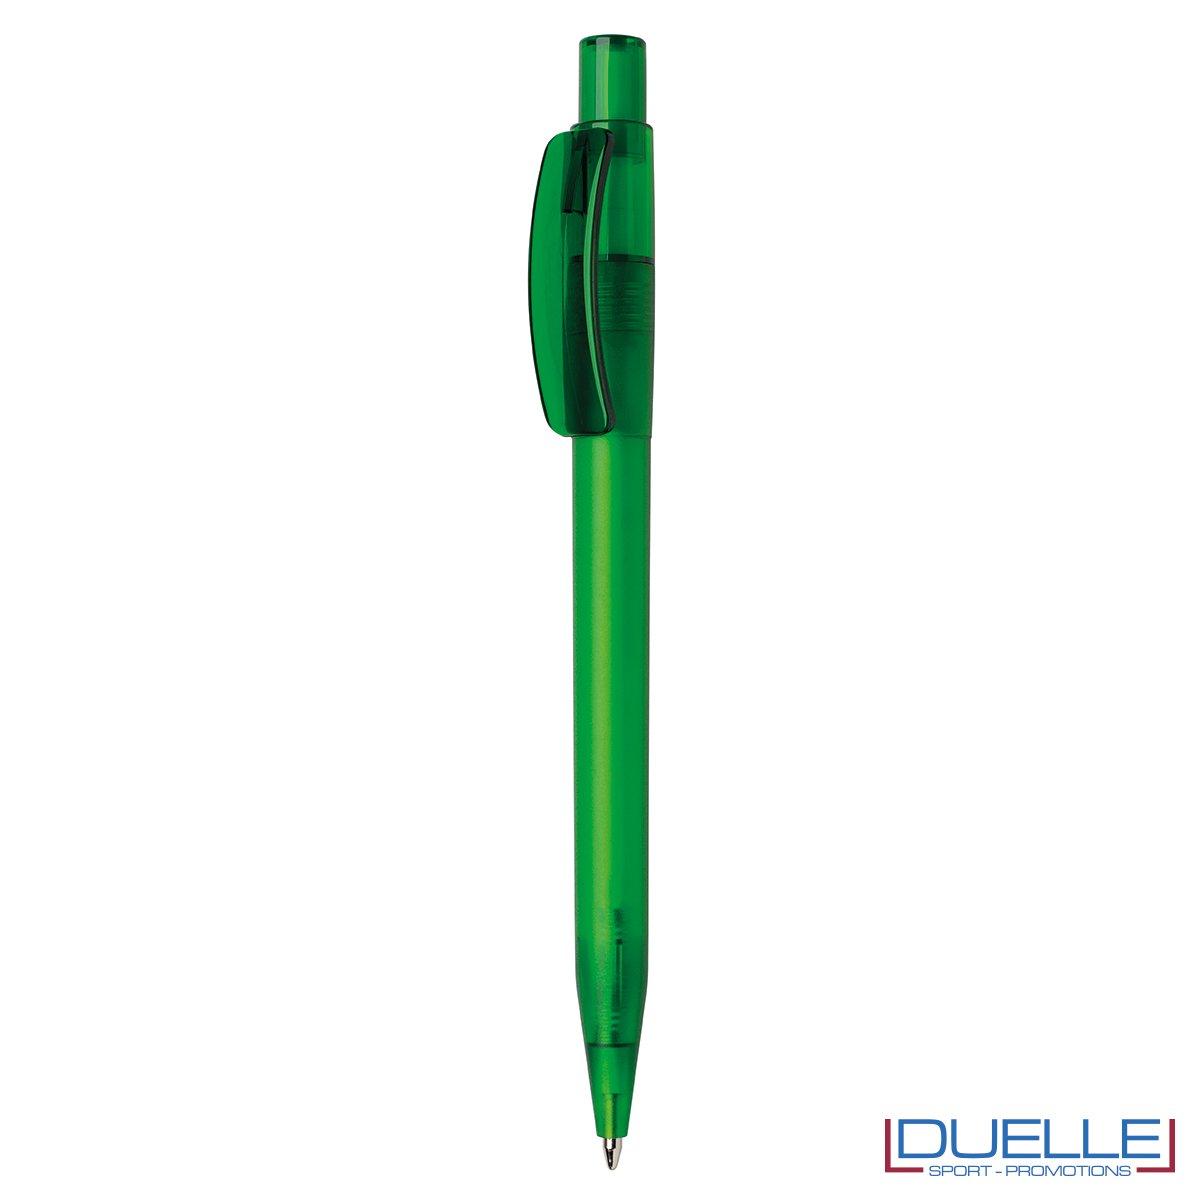 Penna Made in Italy personalizzata verde effetto frost, gadget aziendali, penne personalizzate, gadget personalizzati, articoli promozionali